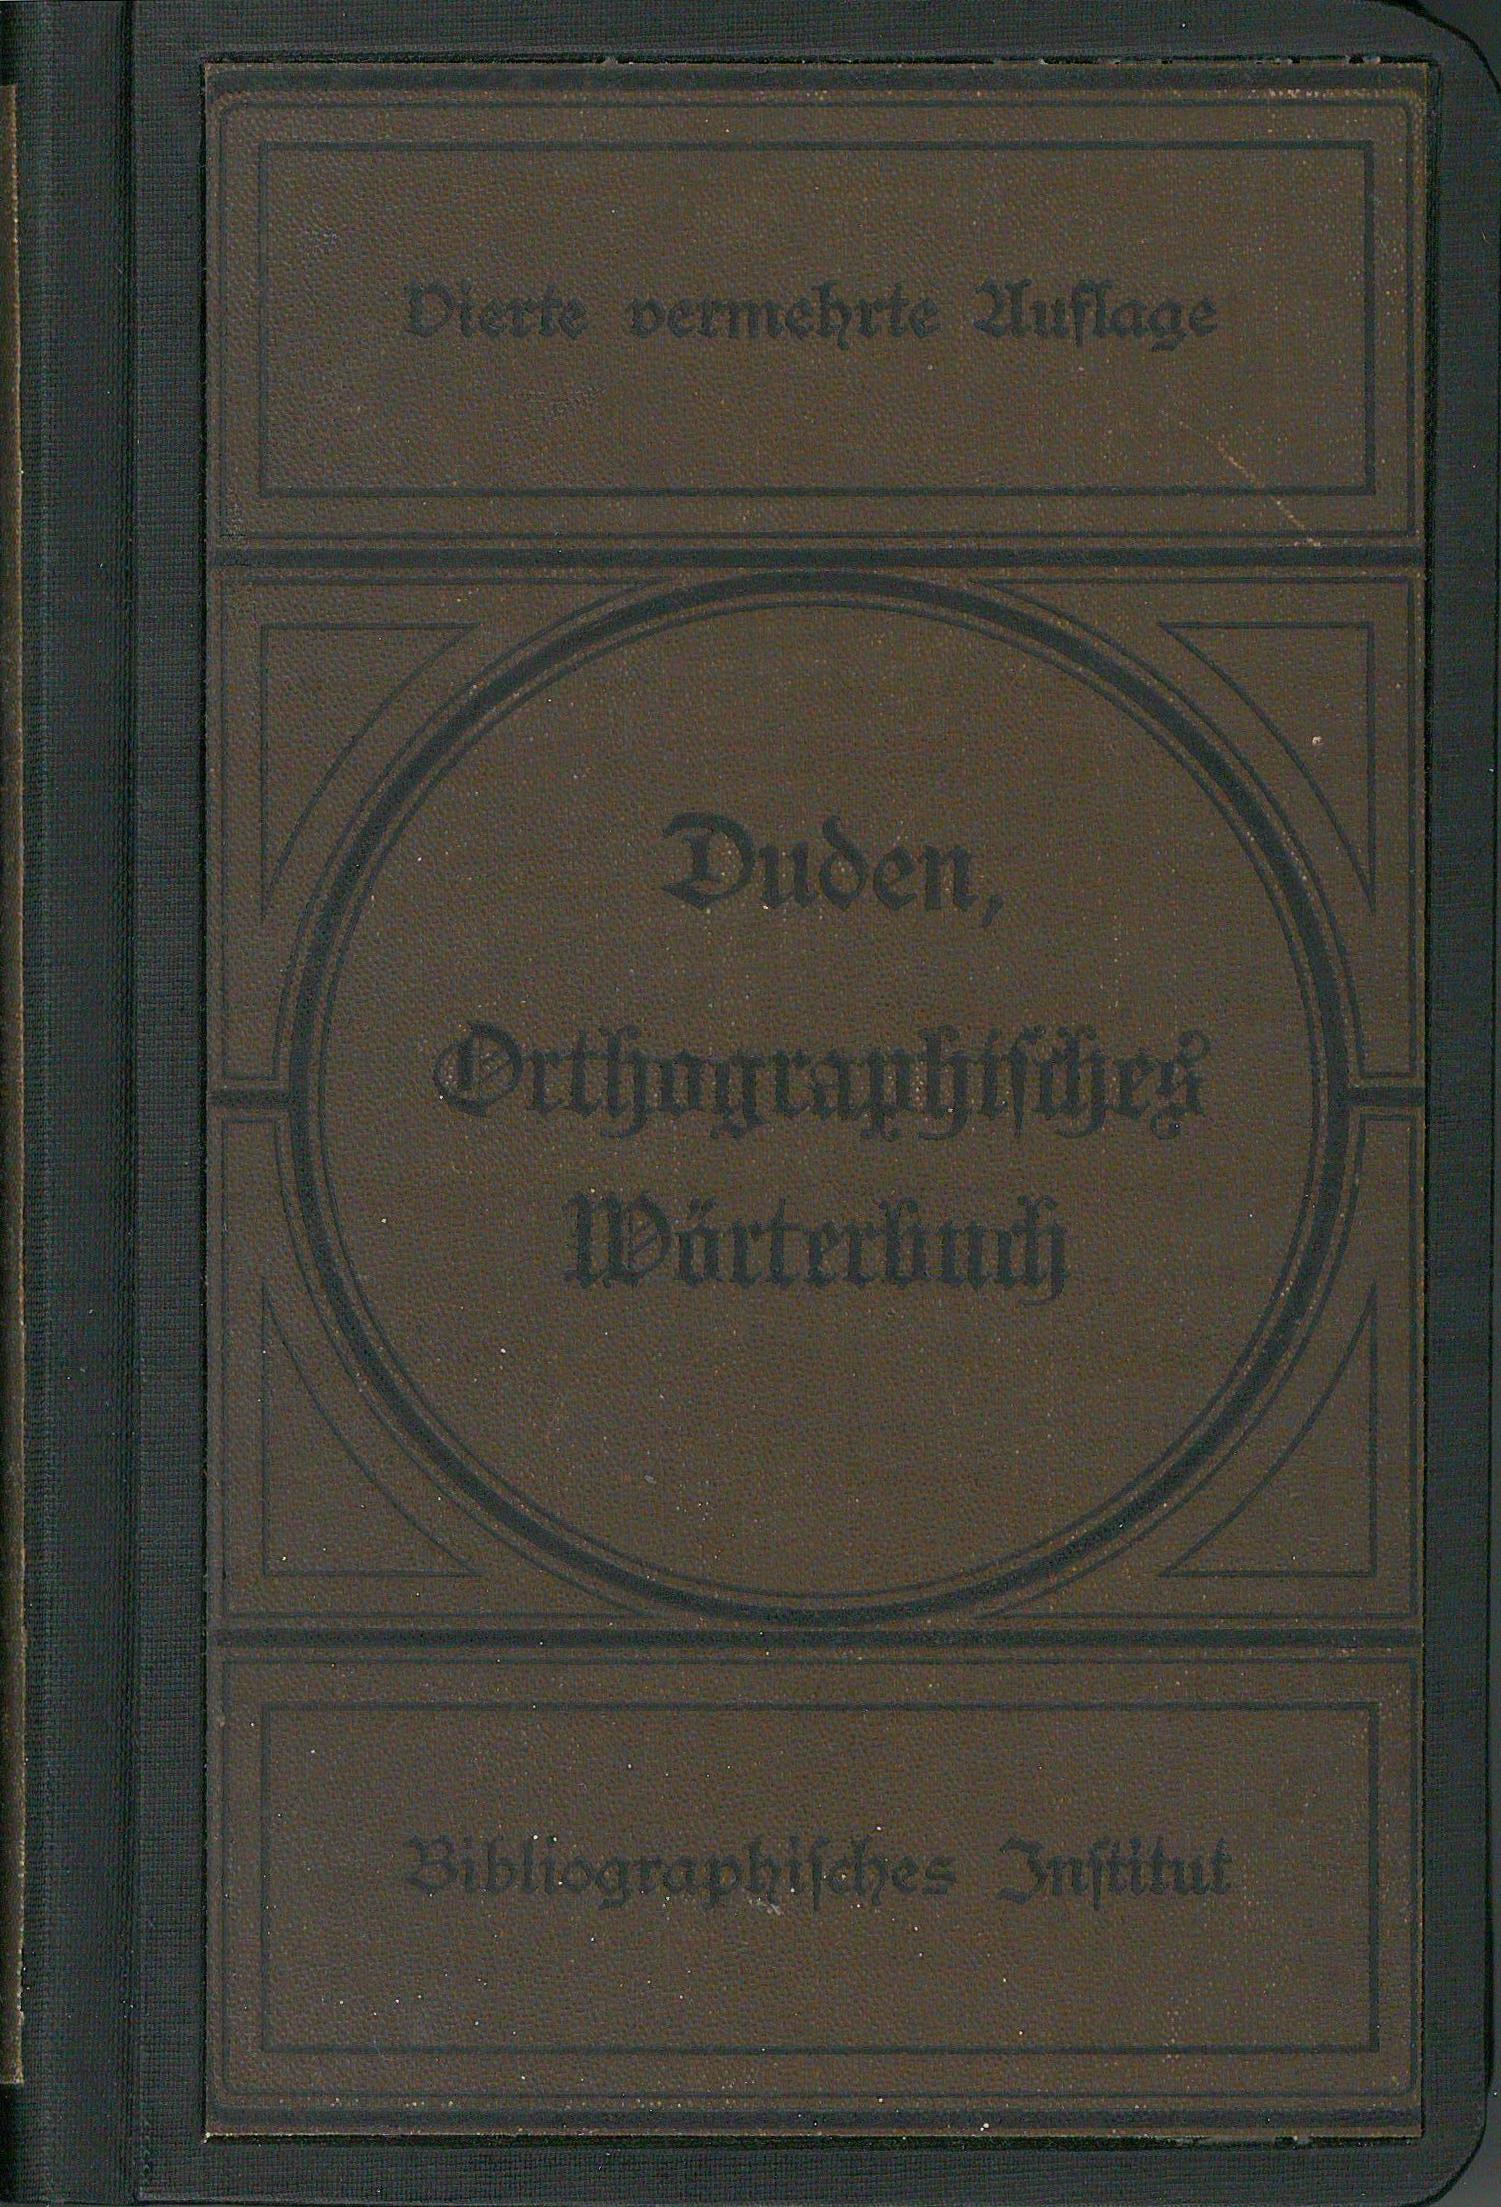 Buchcover Duden von 1893